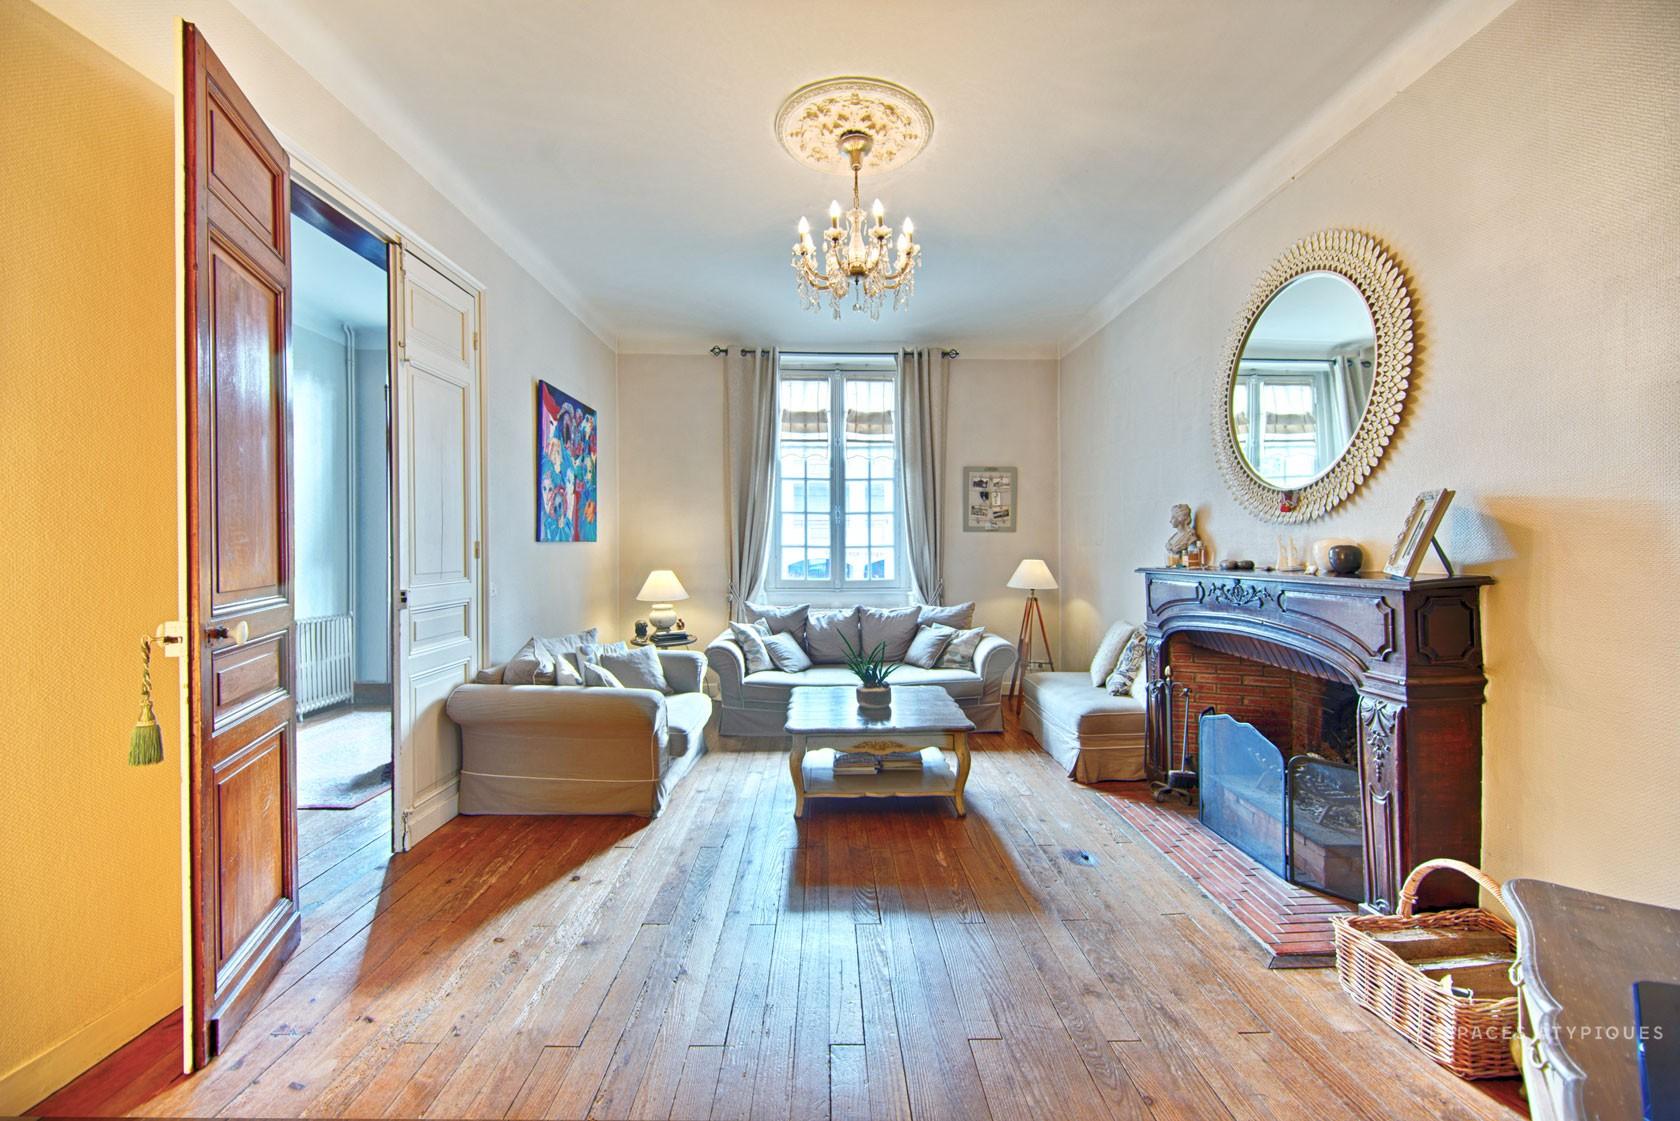 Deco maison bourgeoise ventana blog - Deco maison bourgeoise ...